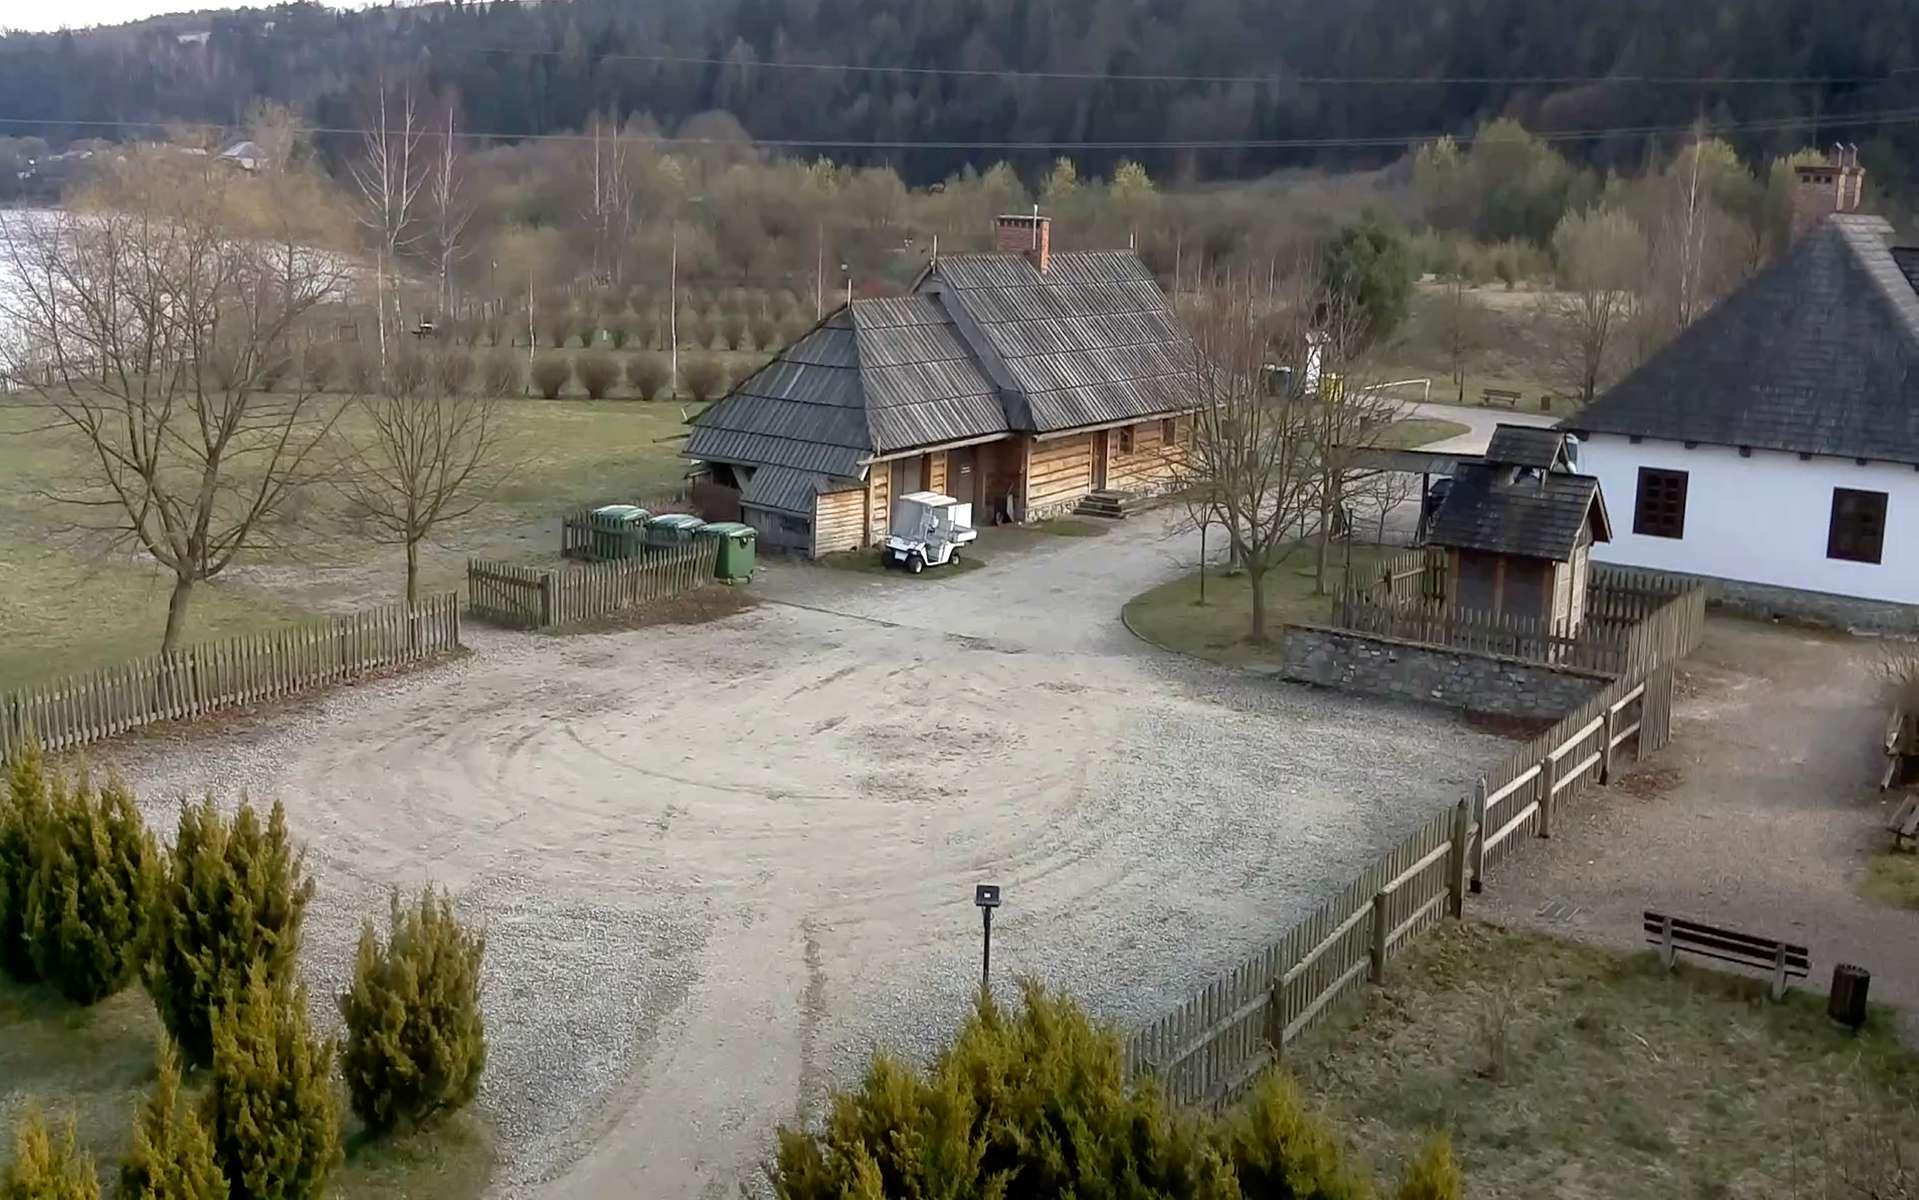 Tourist center, Niedzica, Poland. April 14, 2020, 7:50:37 AM PST